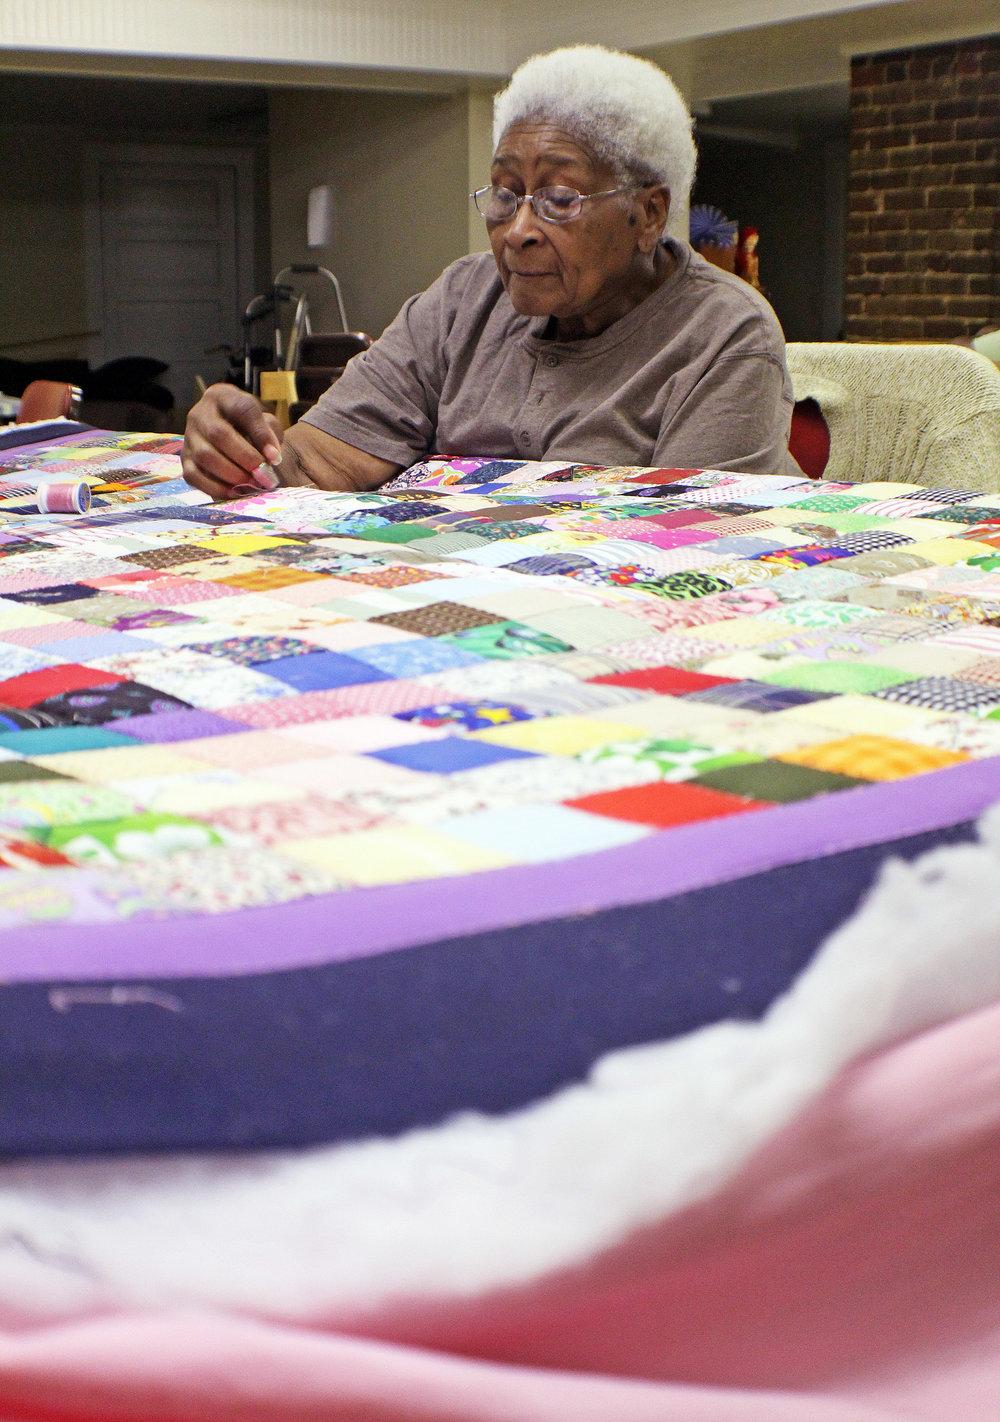 SeniorActivities-Aliceville11.jpg